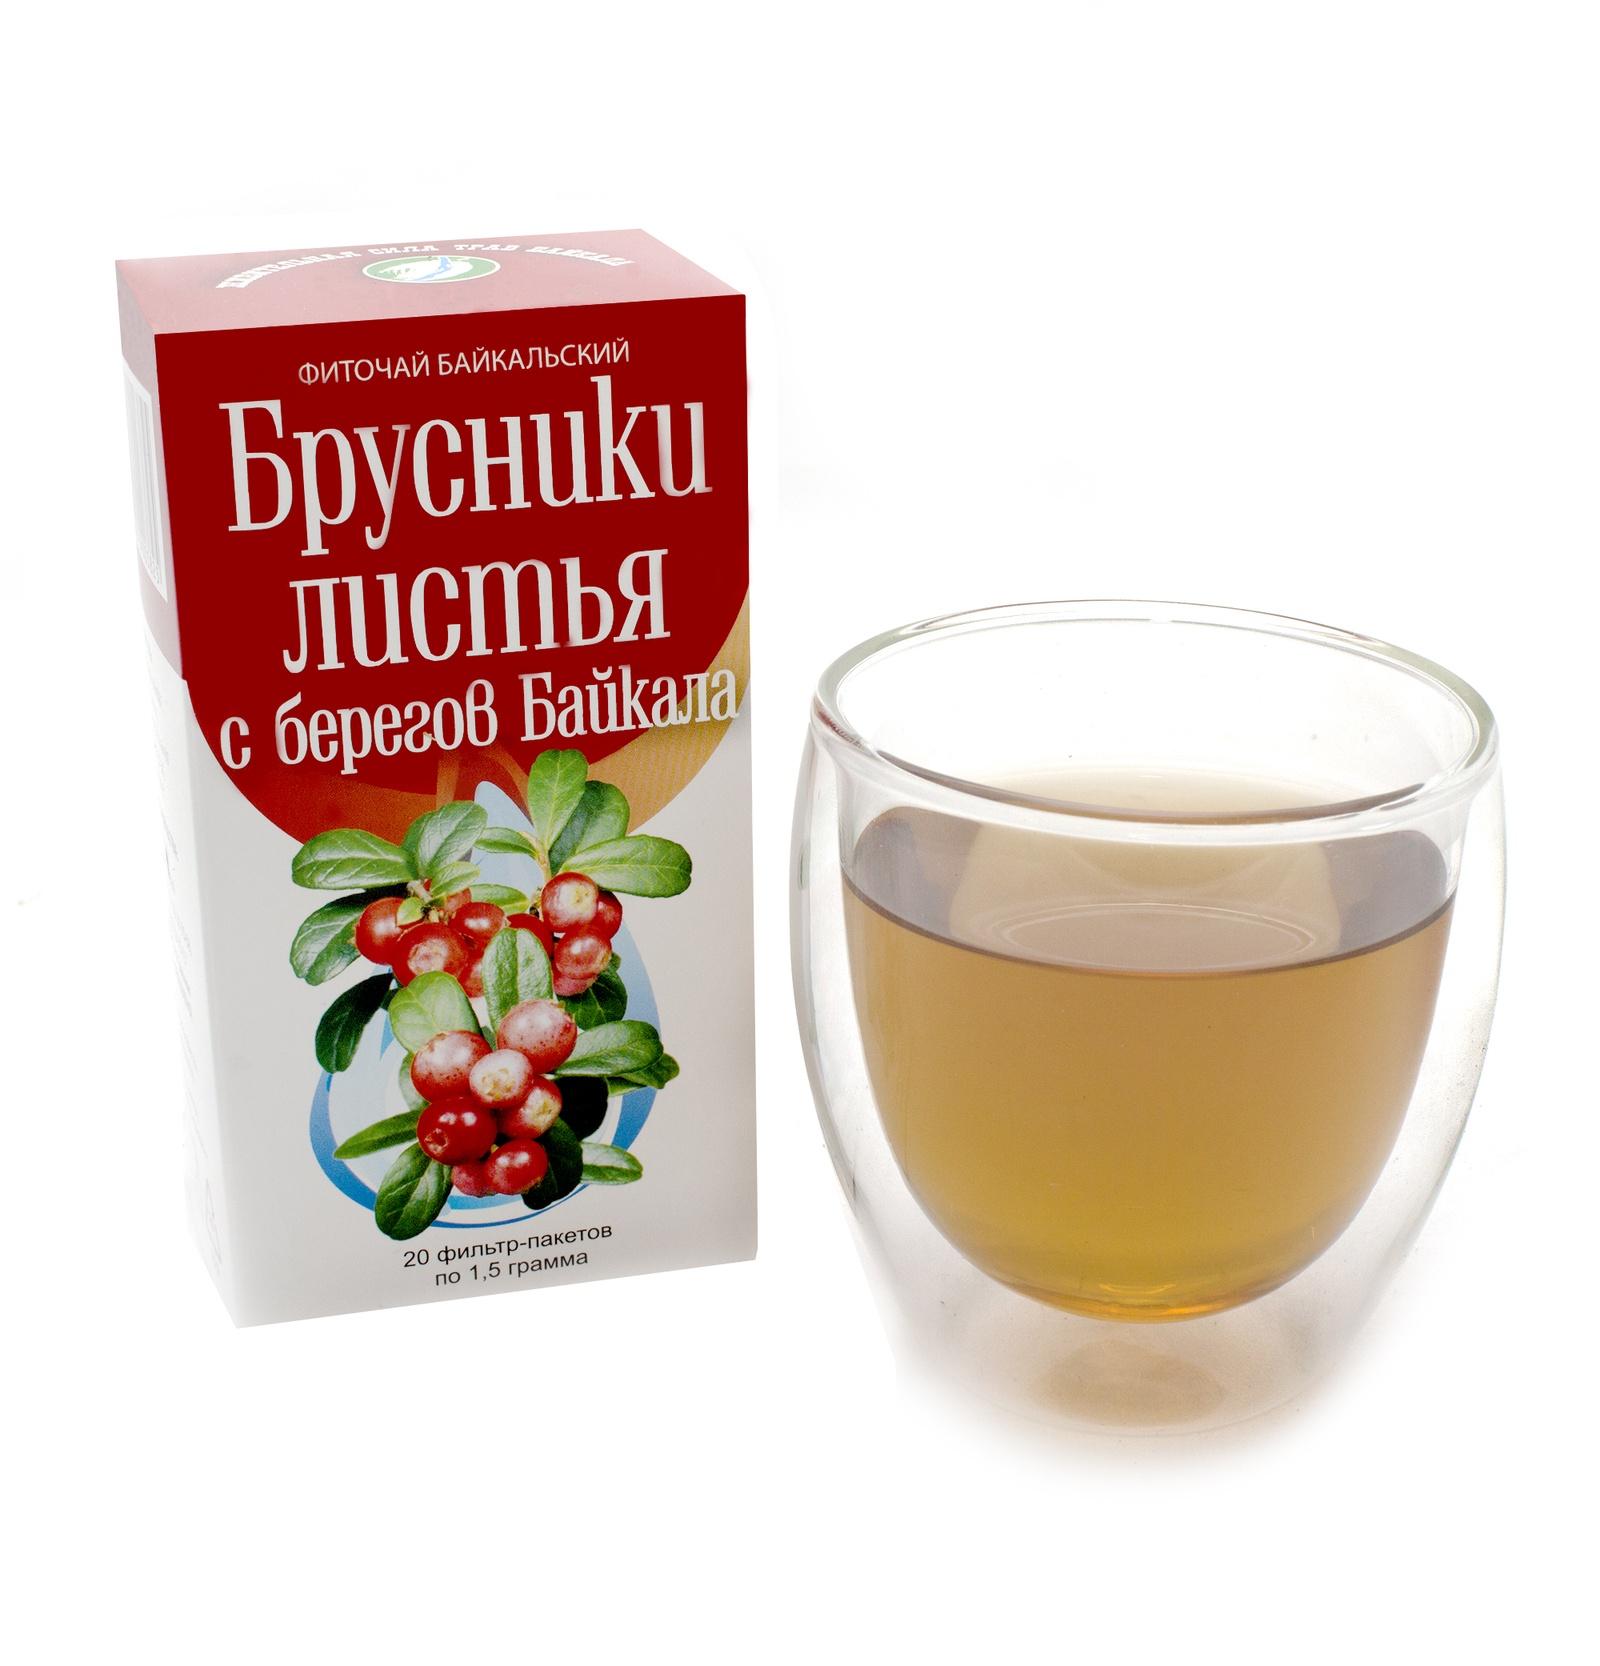 Фото - Чай в пакетиках Фиточаи Байкальские Брусники Листья витаминный, 20 шт по 1.5 г чай в пакетиках фиточаи байкальские женский лечебный с боровой маткой 20 шт по 1 5 г